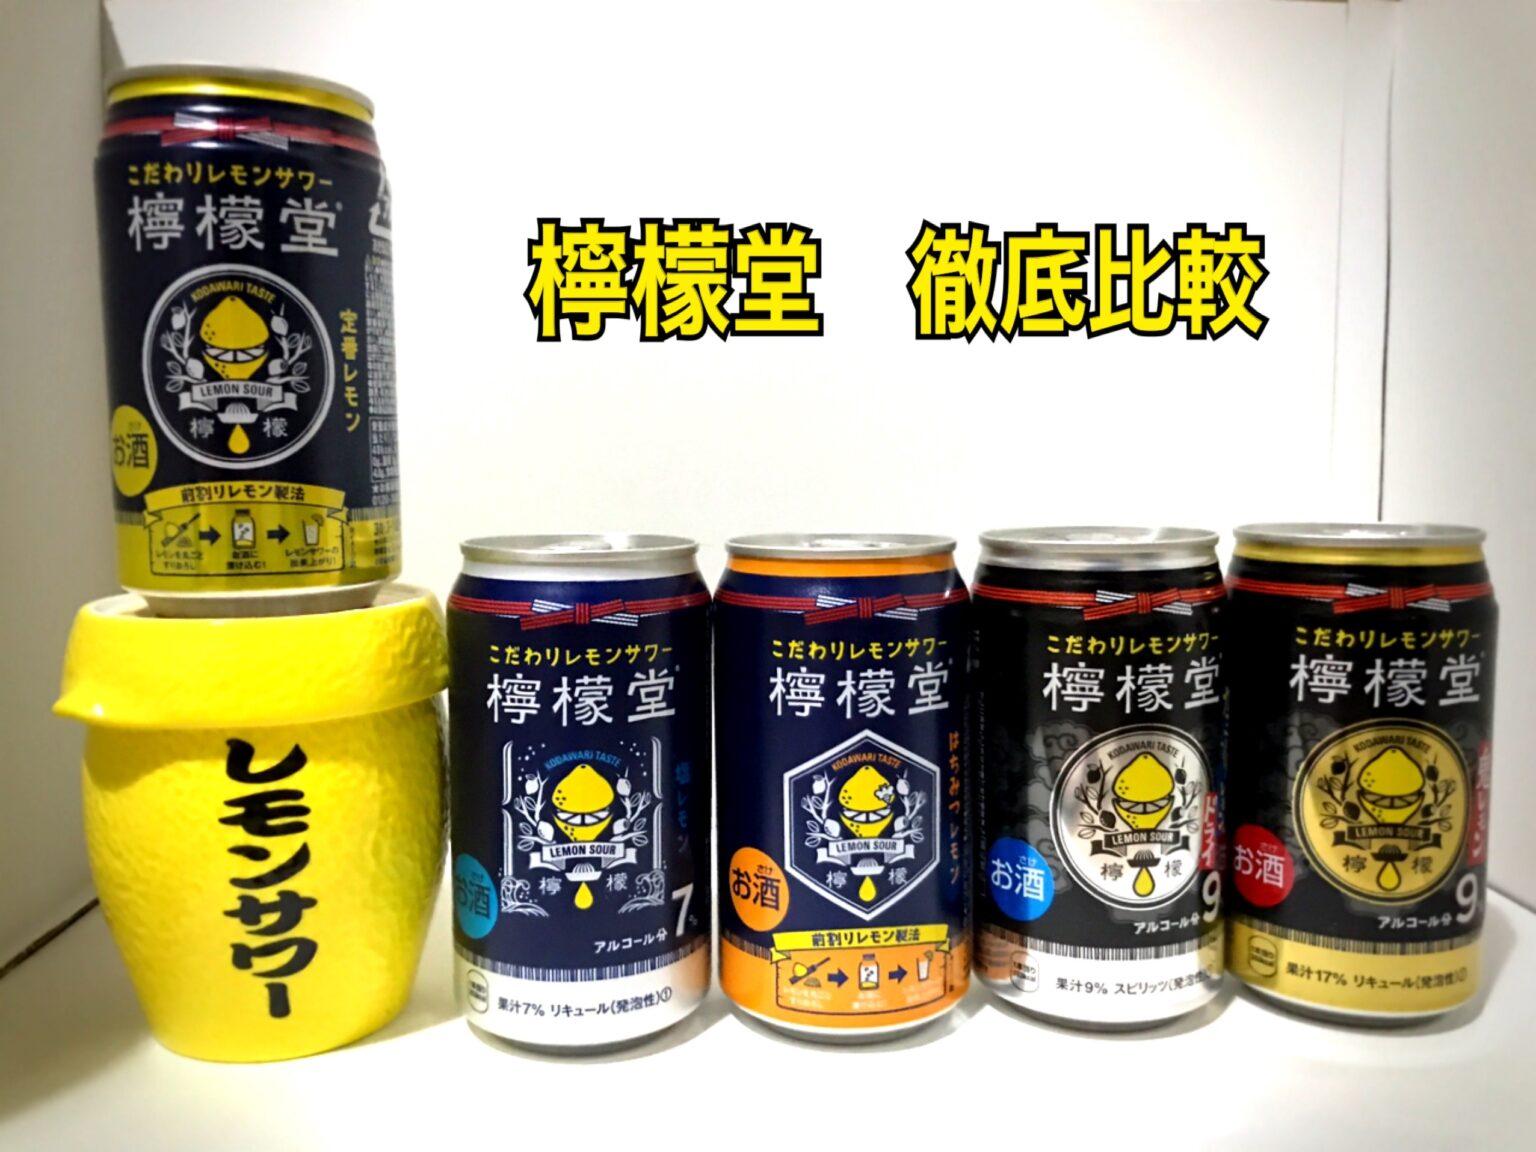 お酒のプロが檸檬堂レモンサワー全5種を飲み比べ【カミソリレモンってどうなの?】